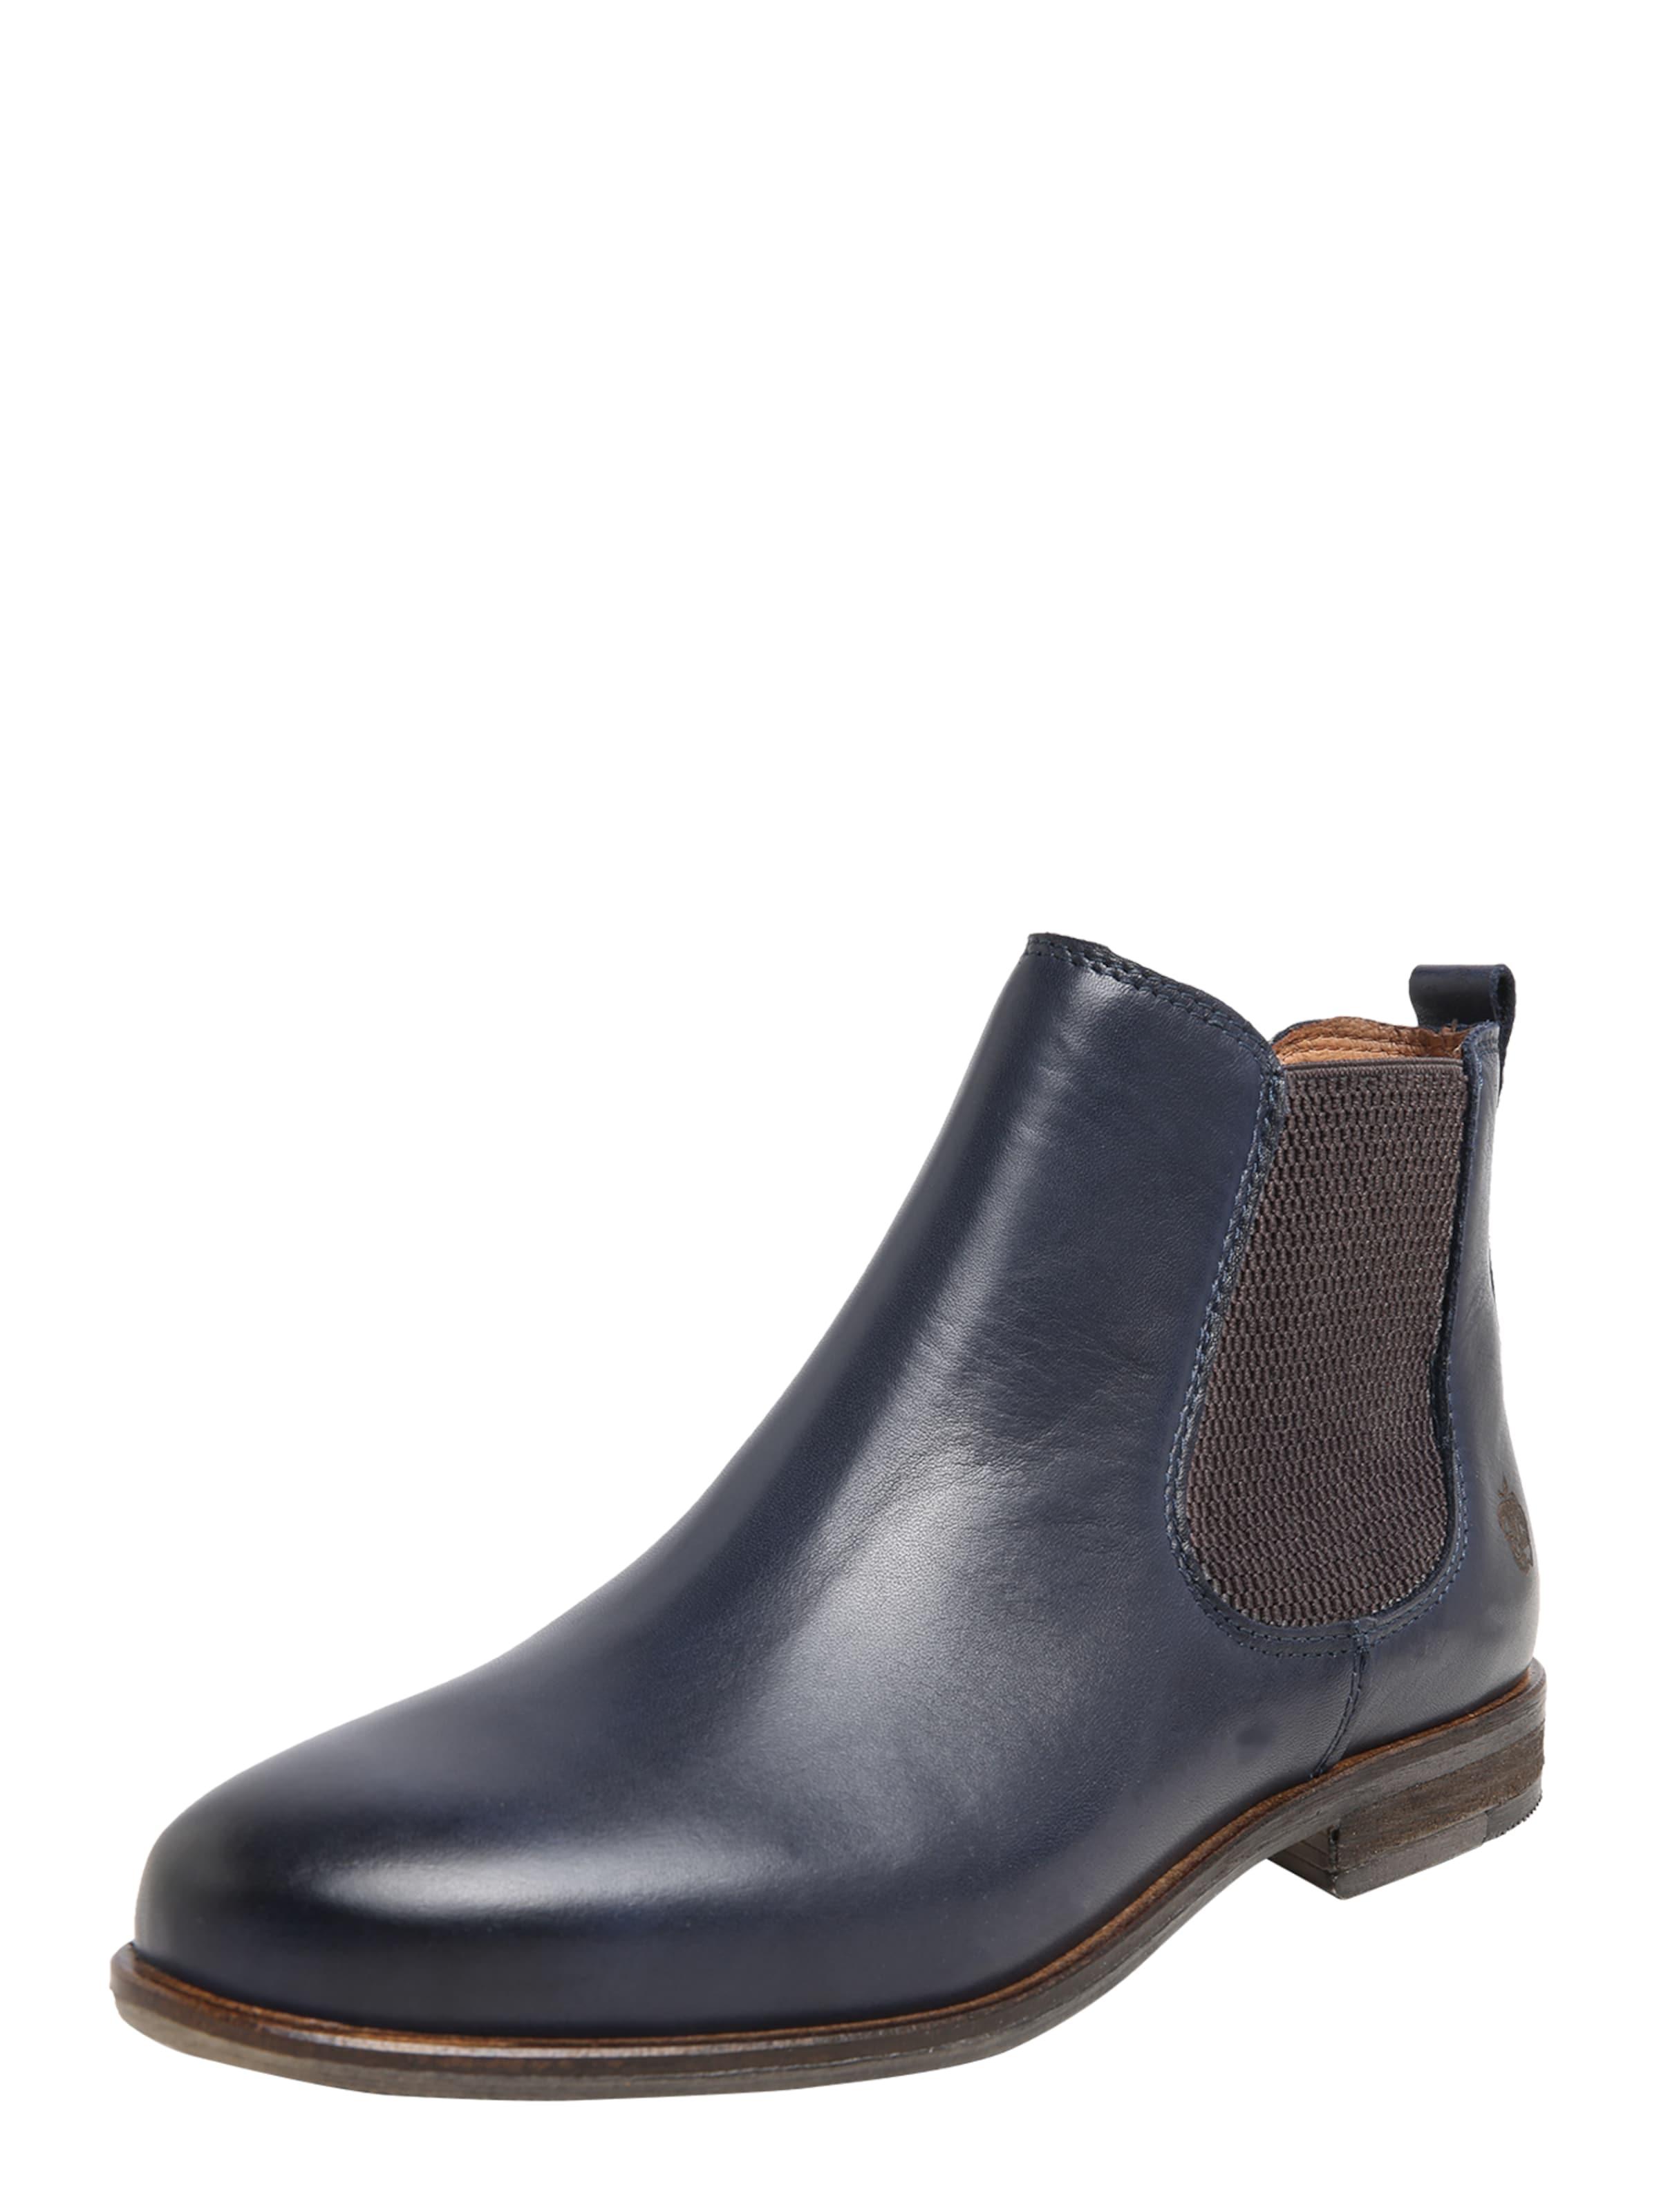 Rabatt GANT Damen Schuhe Marie Klassische Stiefeletten